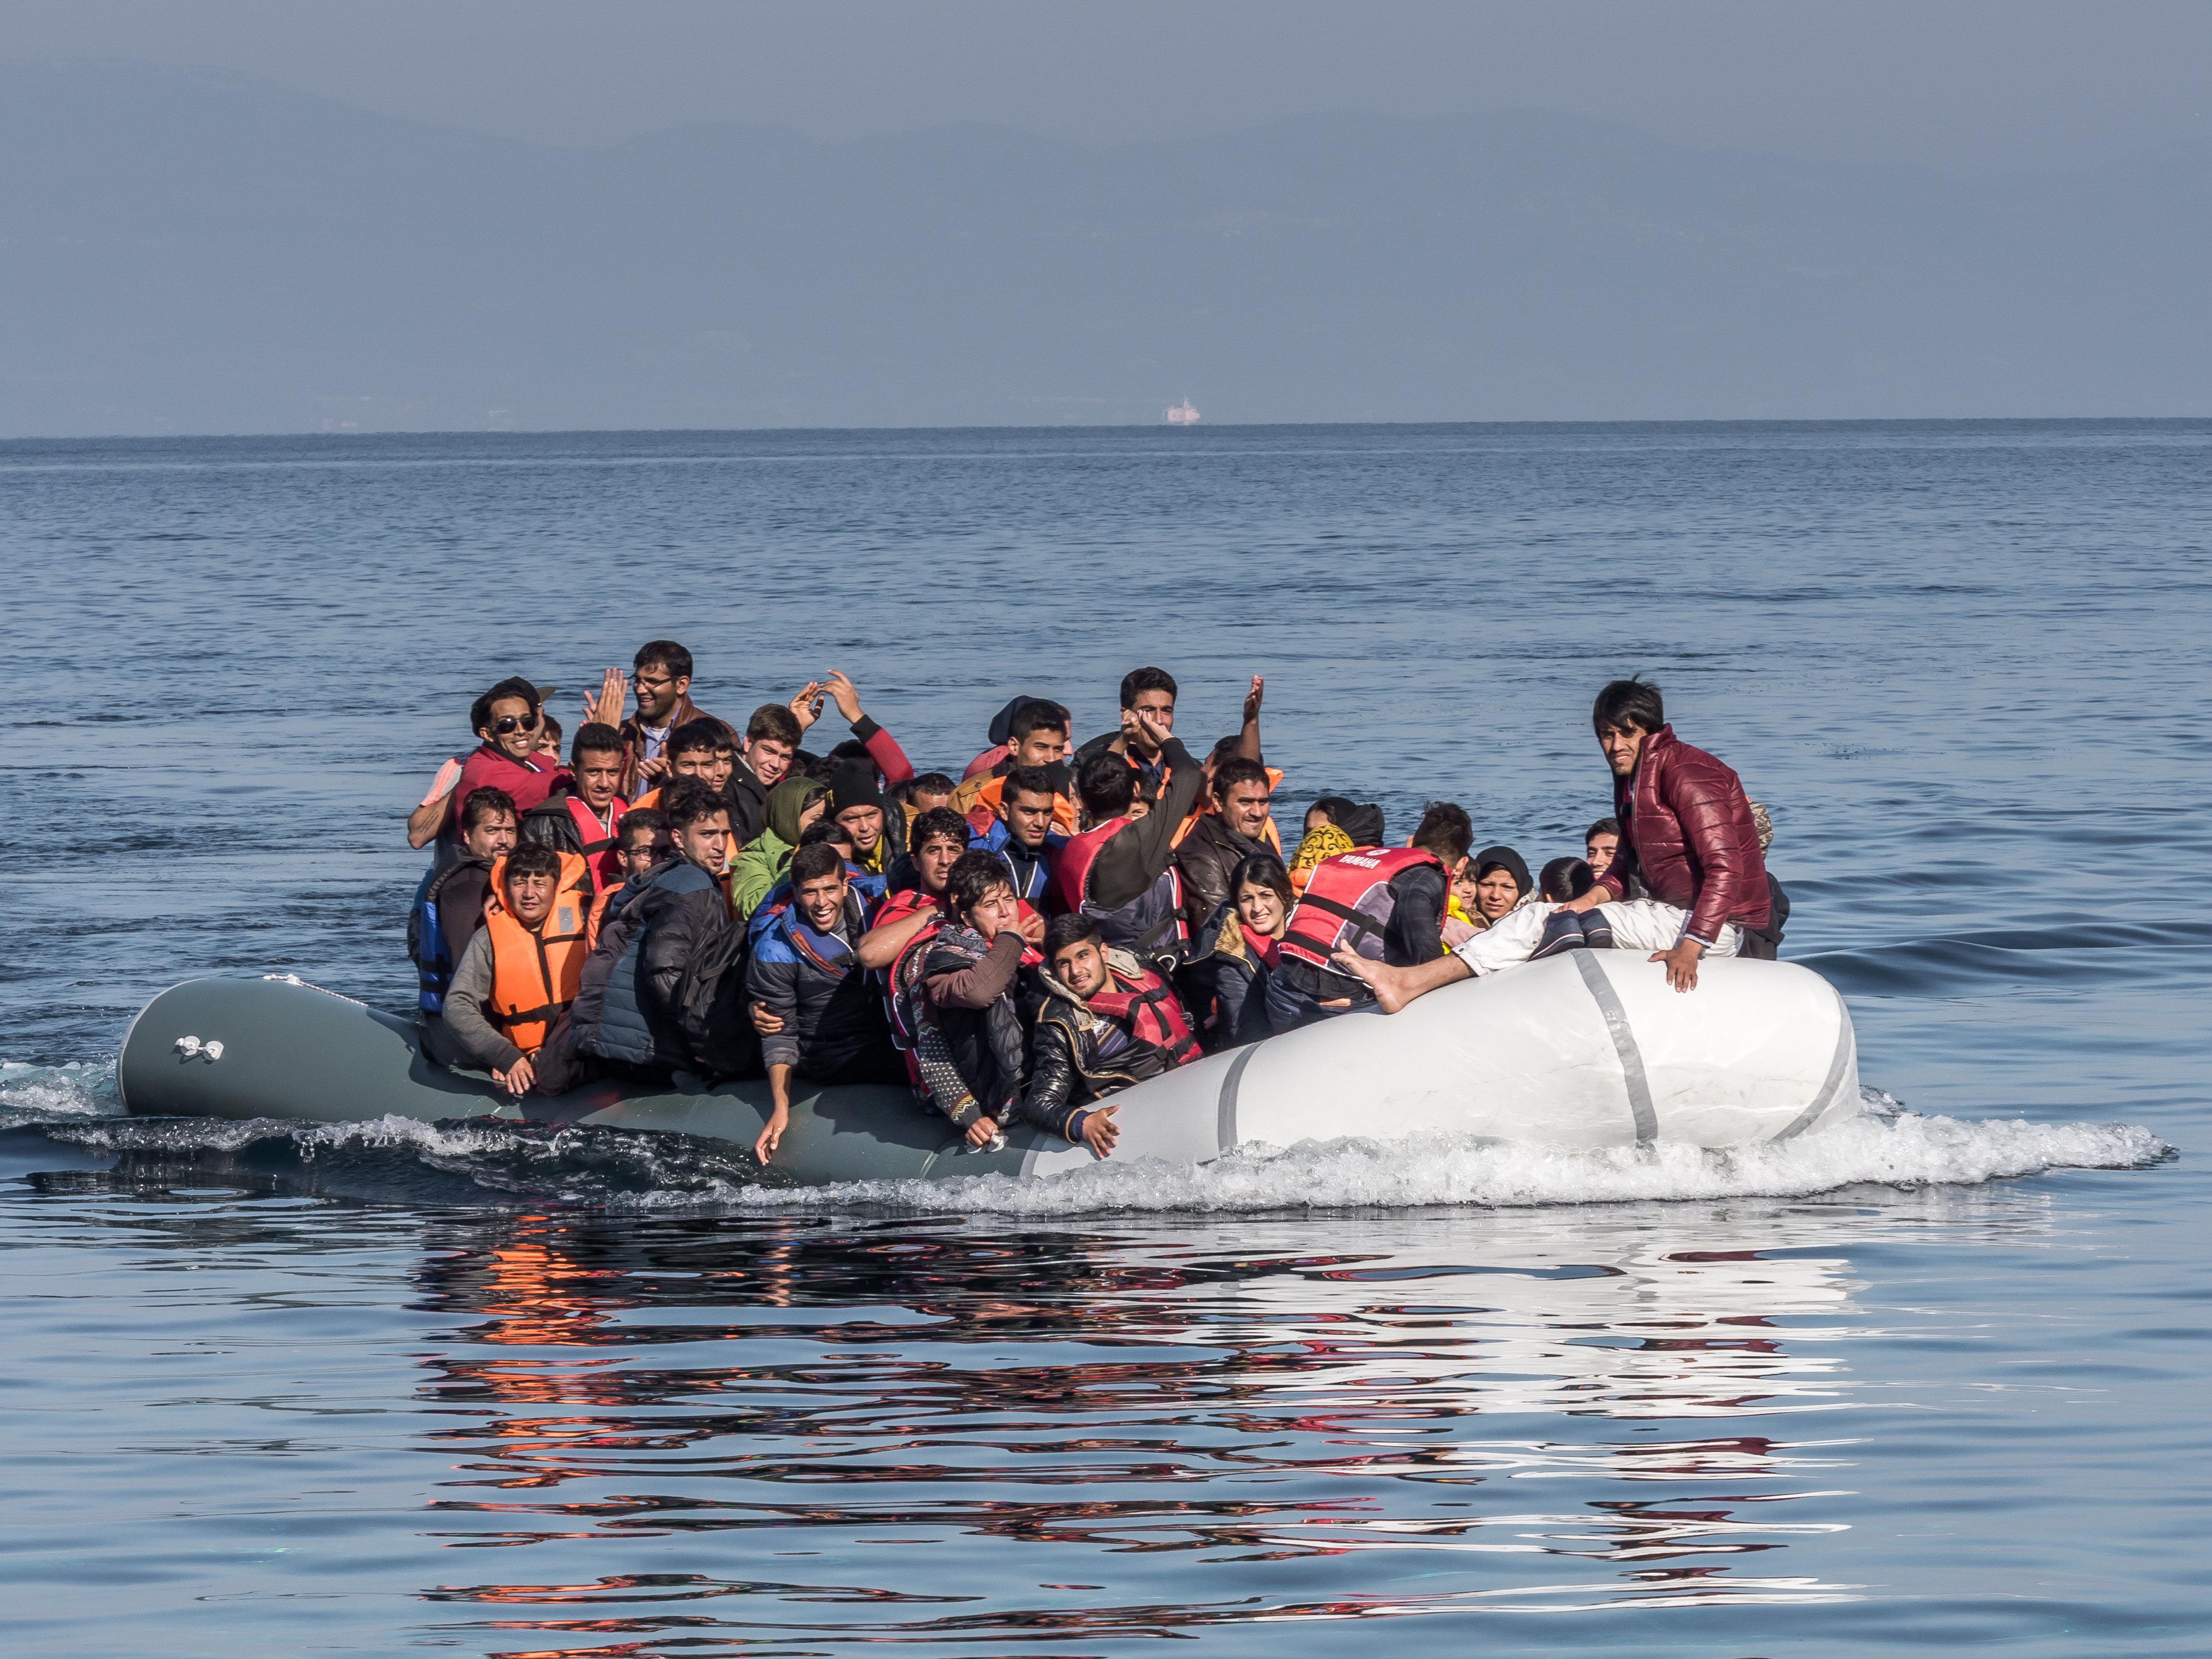 ΚΣΣΕ: «Απαιτούνται περισσότερες προσπάθειες για την υποδοχή των προσφύγων στα ελληνικά